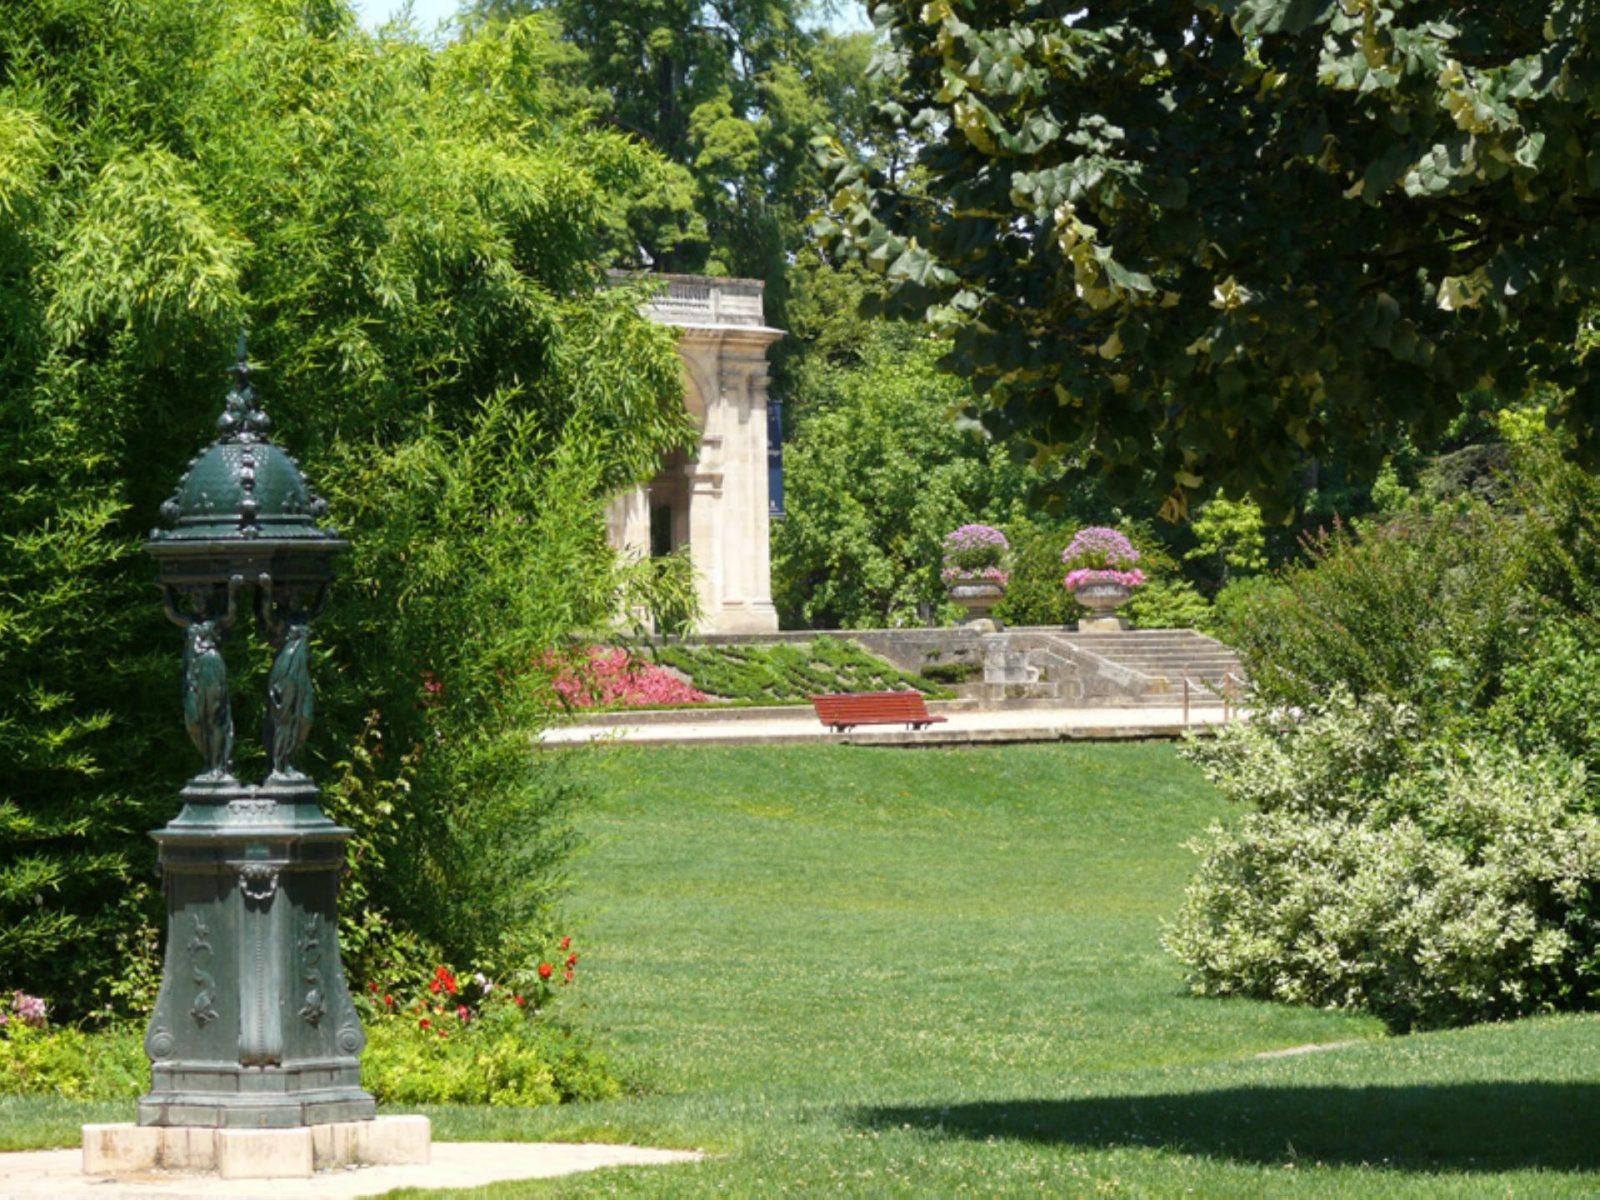 Jardin-public, la terrasse